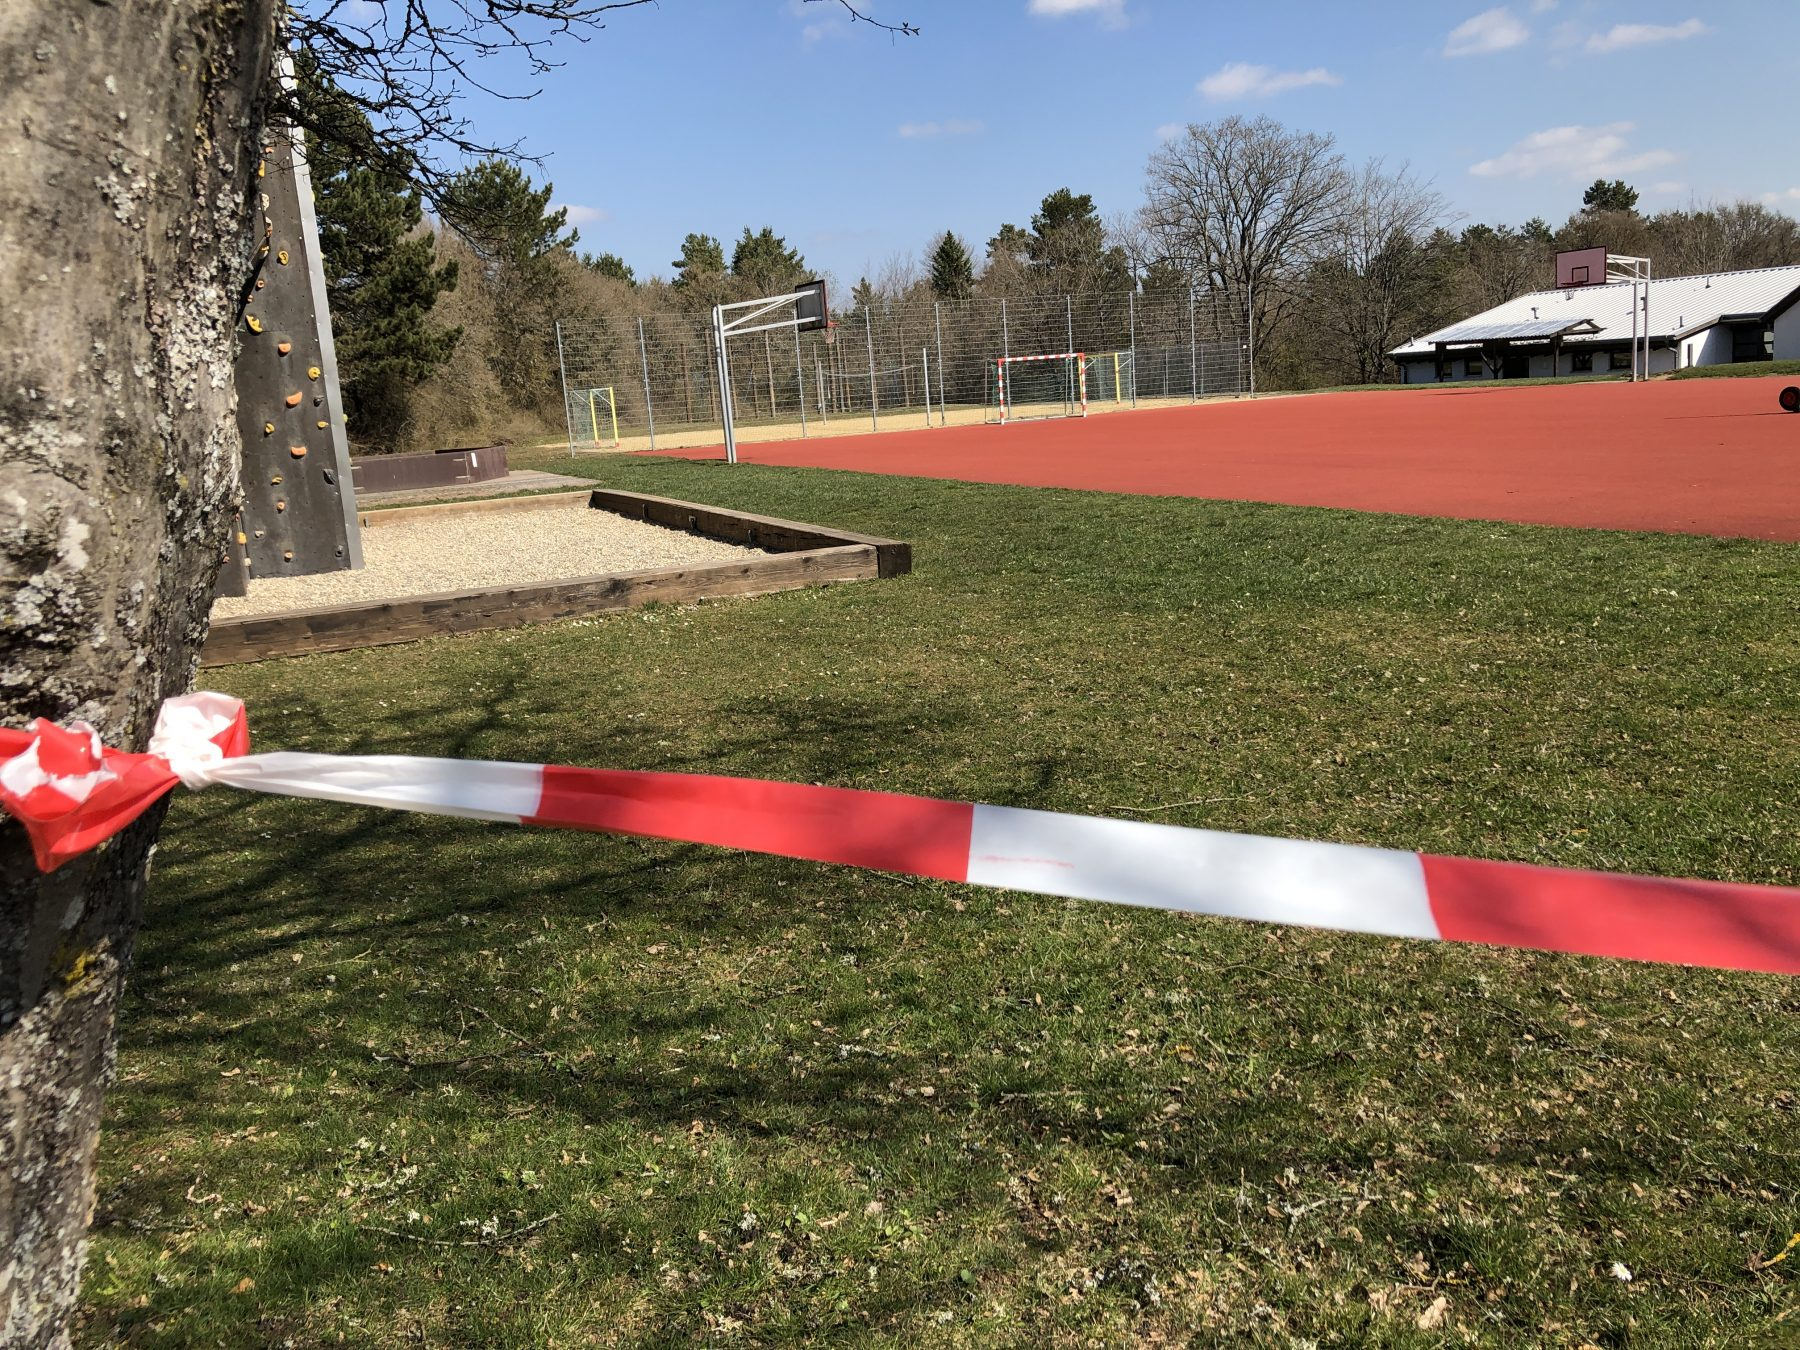 Bild: Blick auf die coronabedingt abgesperrten Sportanlagen des Freizeitheims.